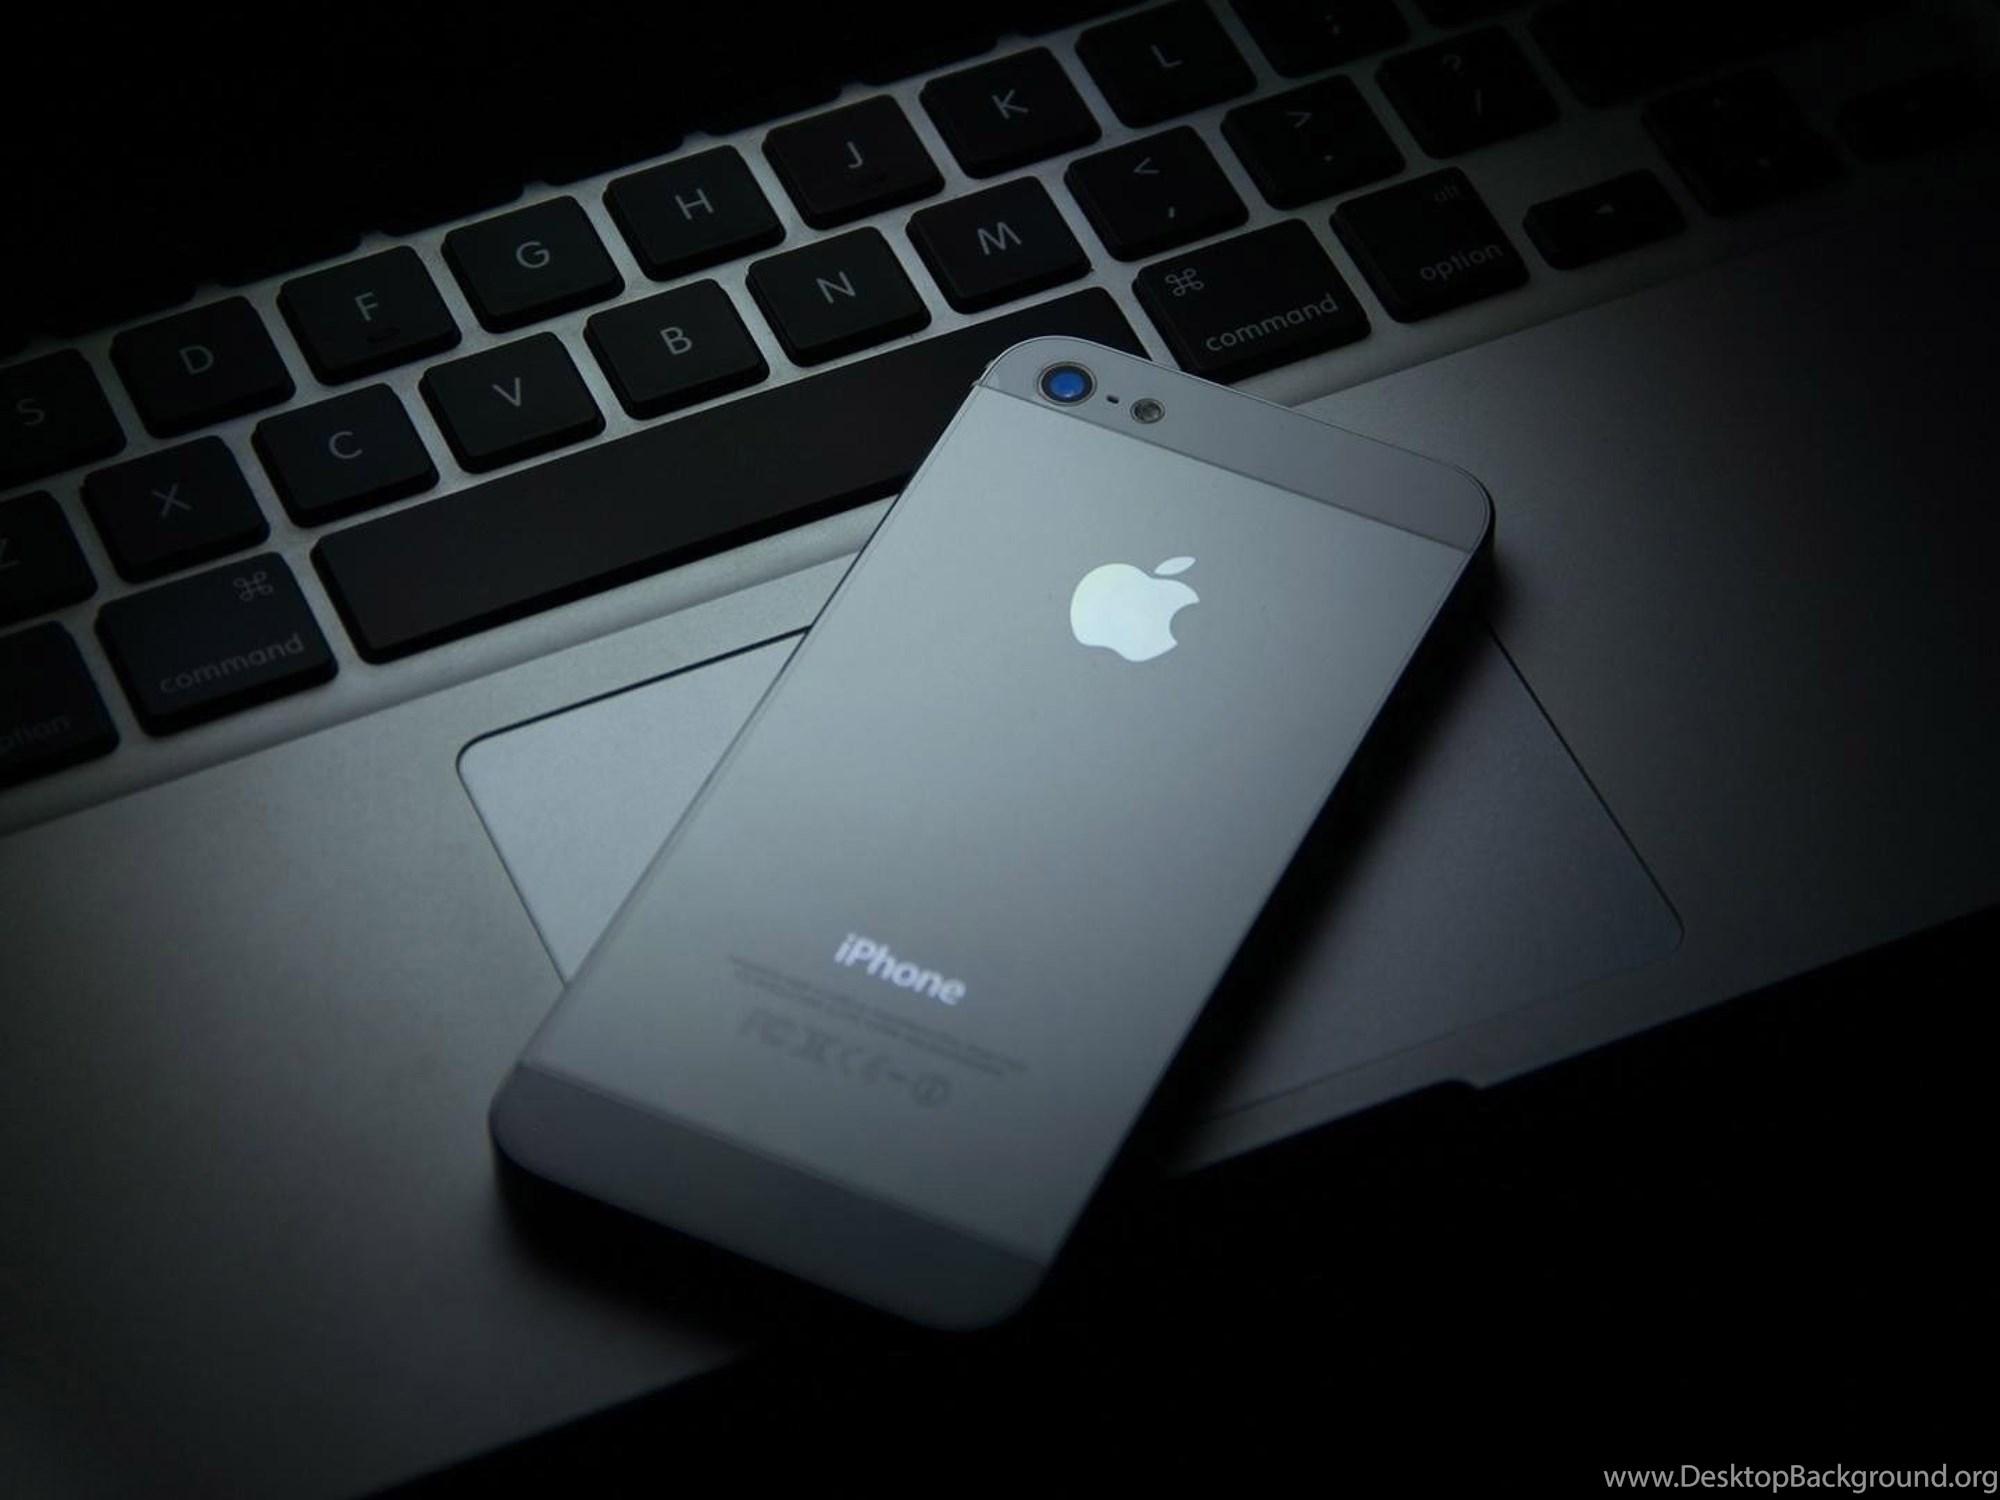 Download Wallpapers 3840x2160 Iphone 5s Macbook Apple 4k Ultra Hd Desktop Background